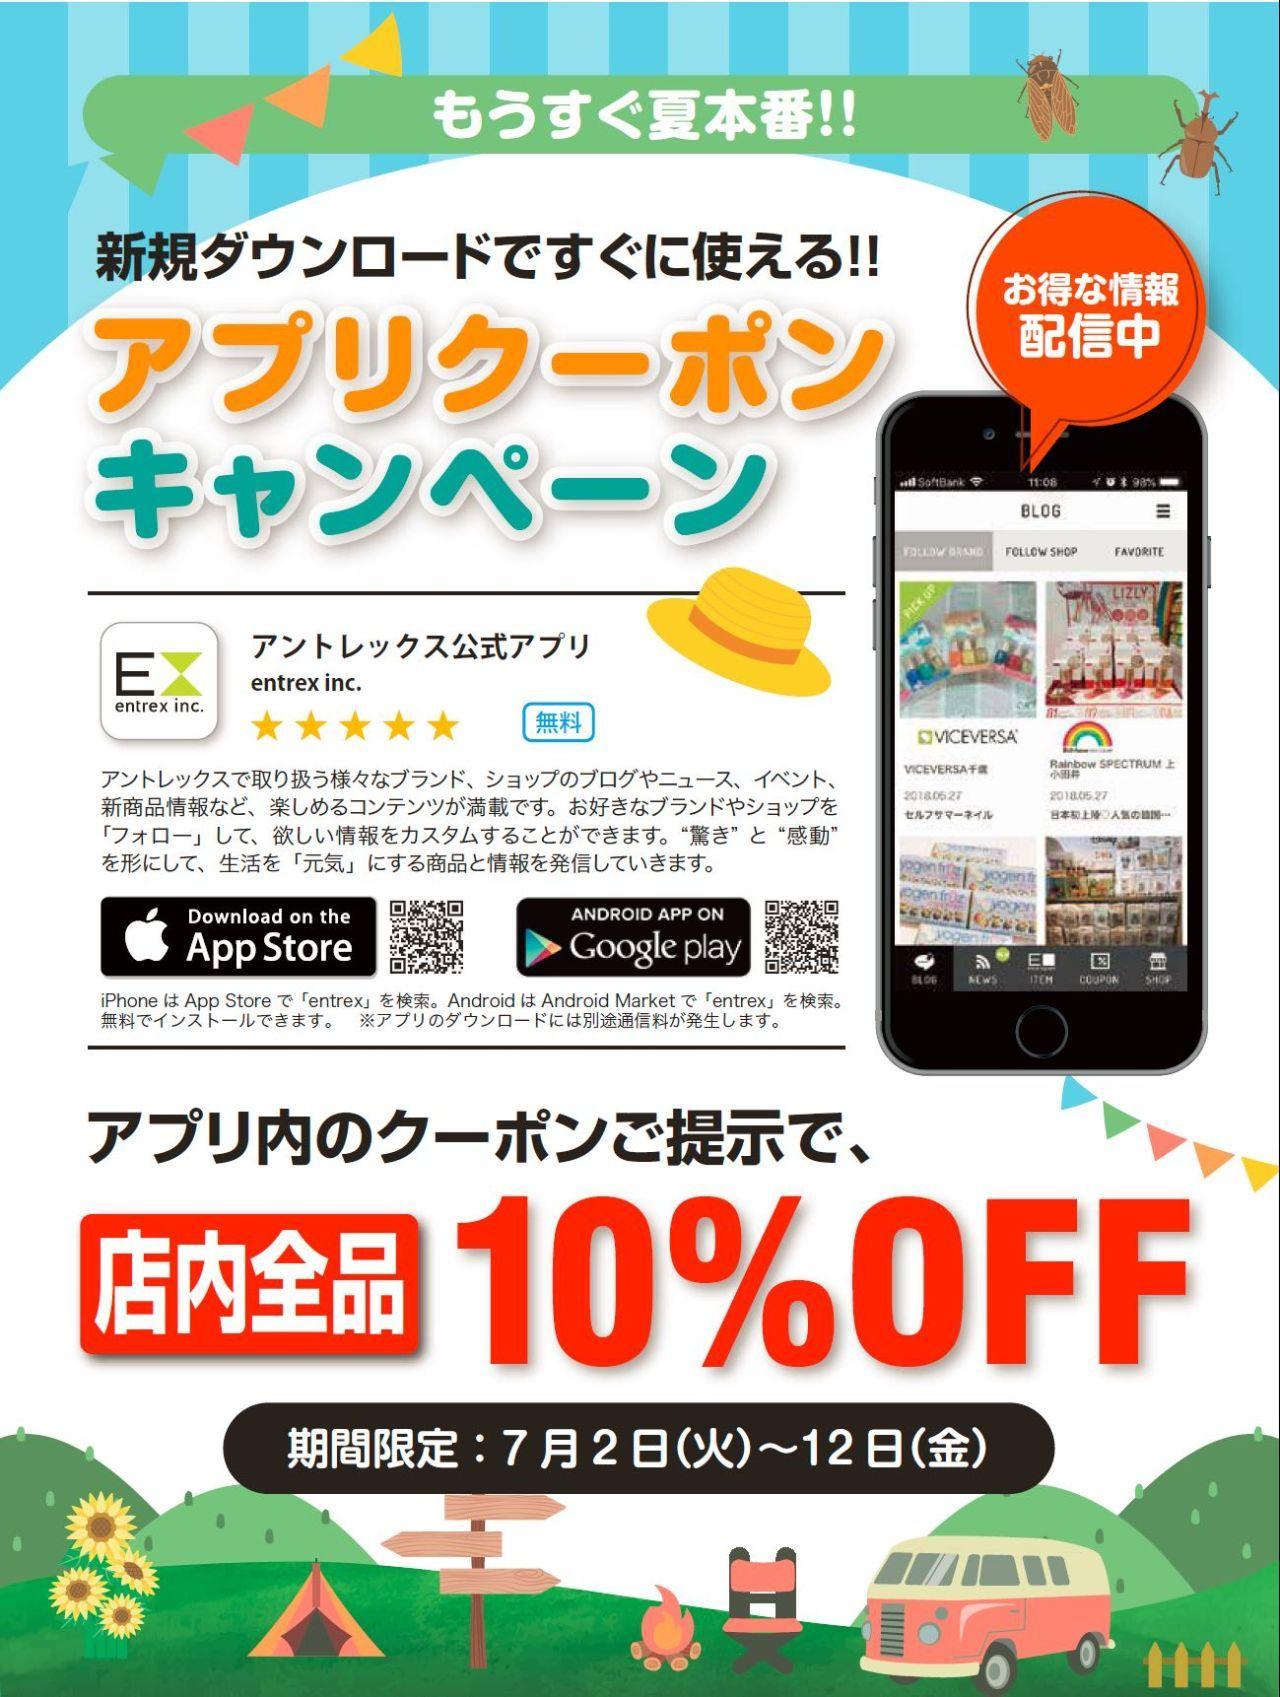 「【店内10%OFF】アプリクーポン【キャンペーン】」の写真